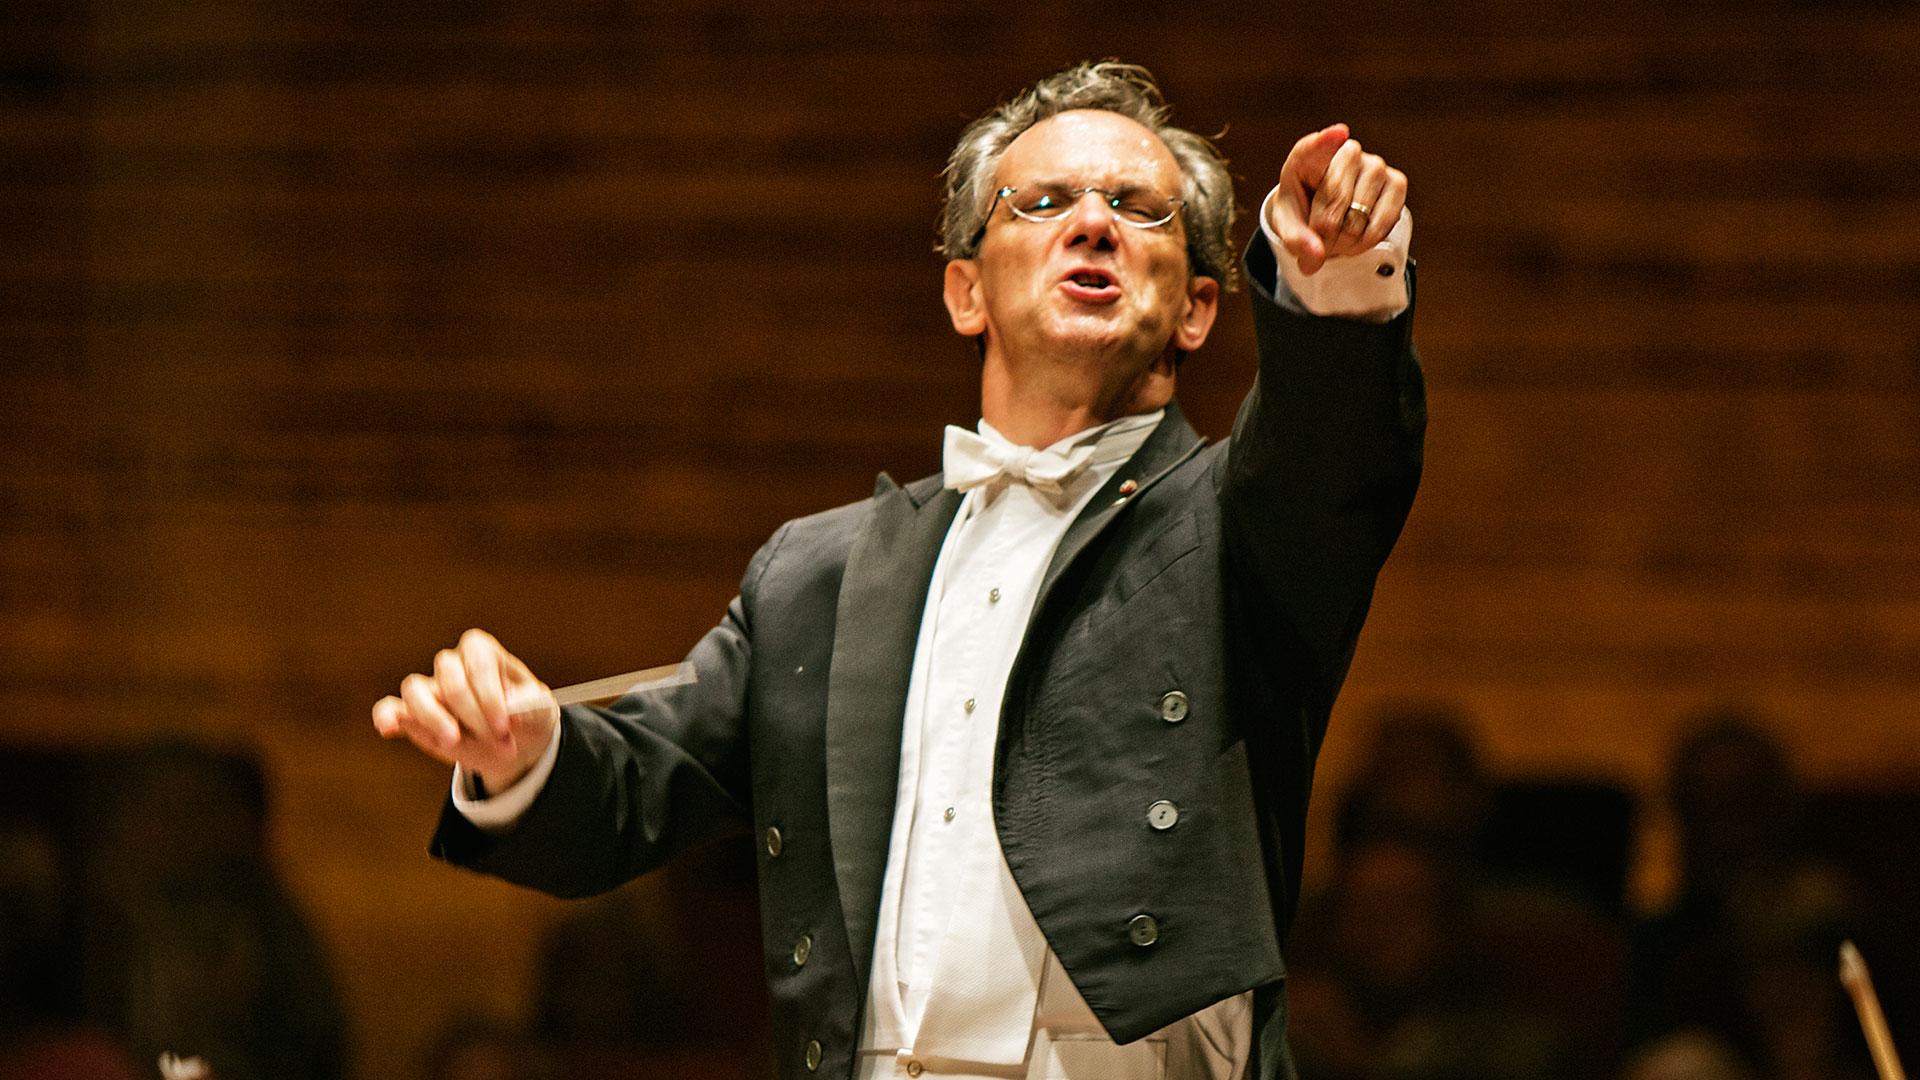 P2 Koncerten: Torsdagskoncert med Luisi & Symphonie Fantastique